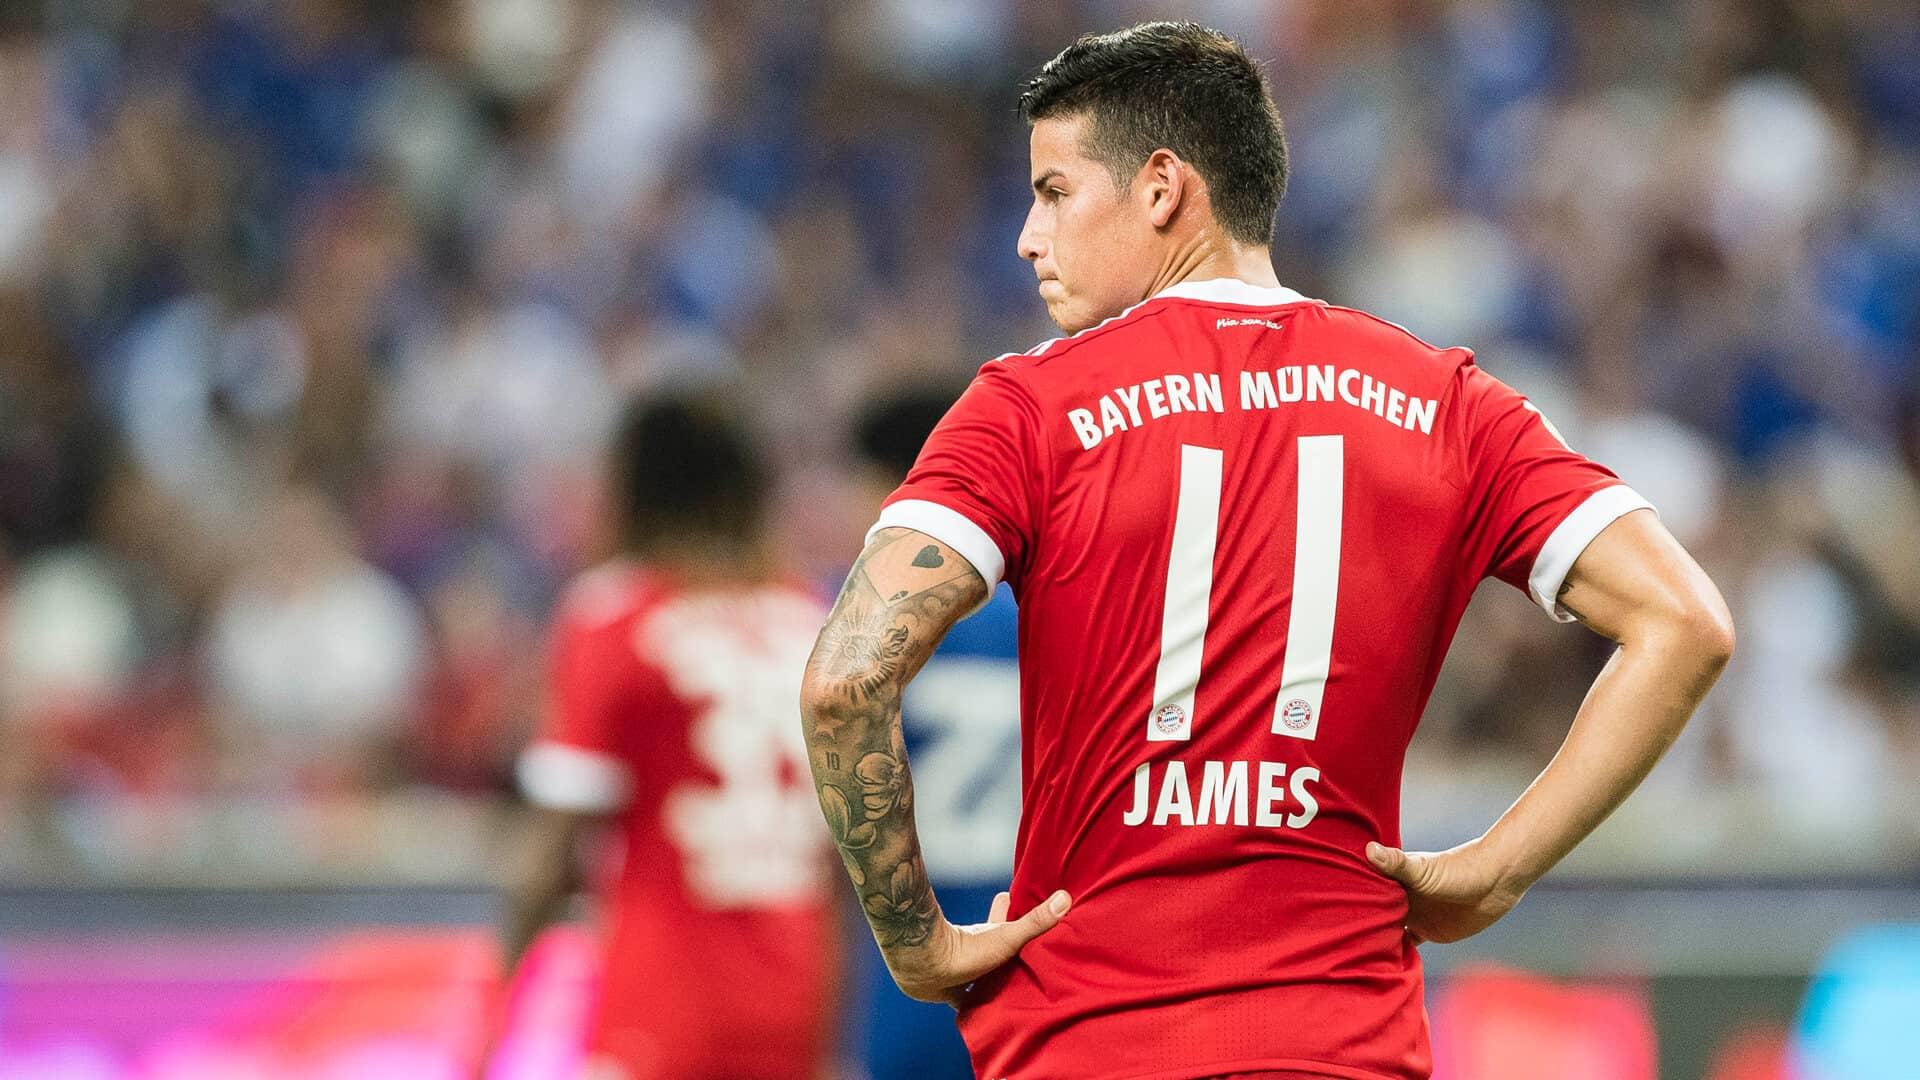 bayern munchen fc soccer team 2018